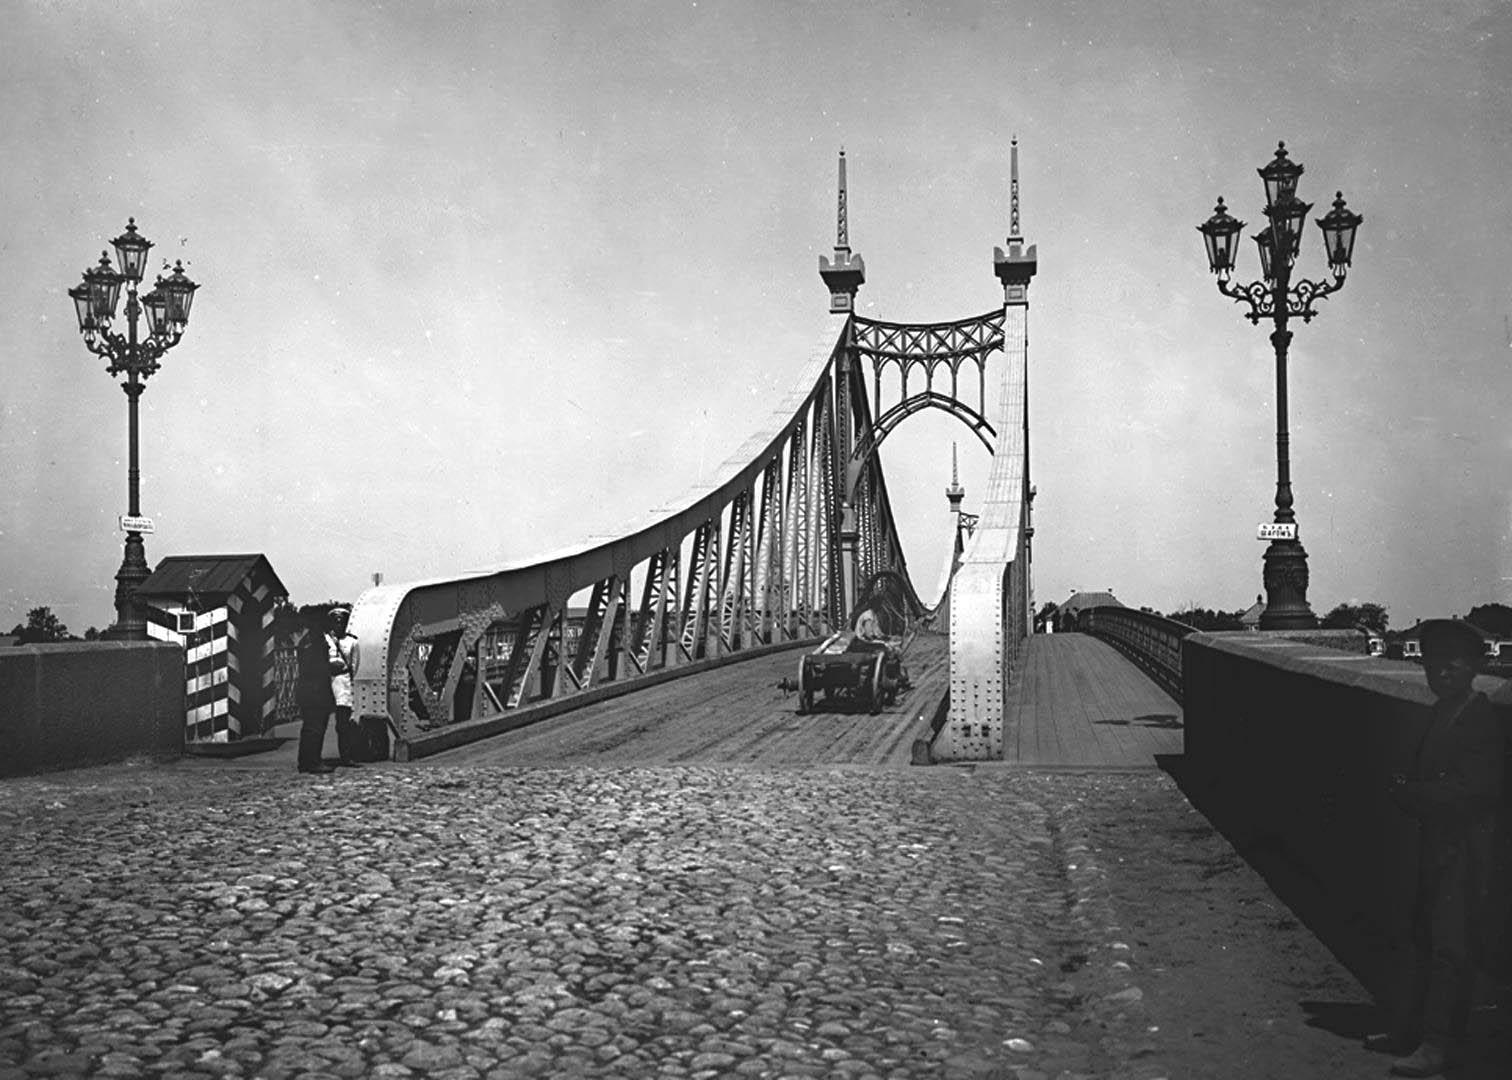 Староволжский мост в Твери, старое фото